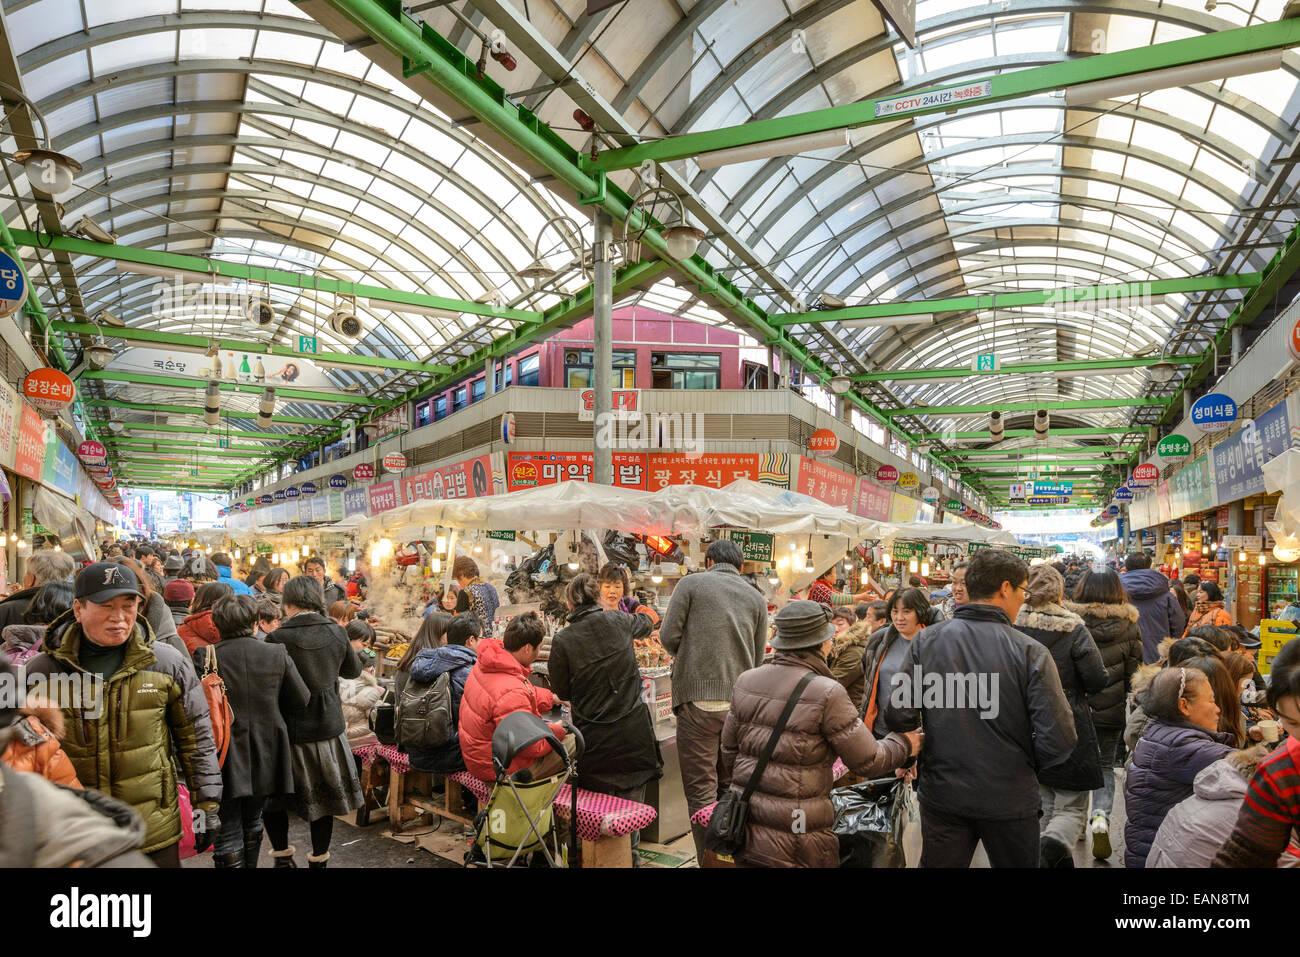 Gli amanti dello shopping a Seul, Corea del sud passa attraverso Gwangjang mercato tradizionale. Immagini Stock